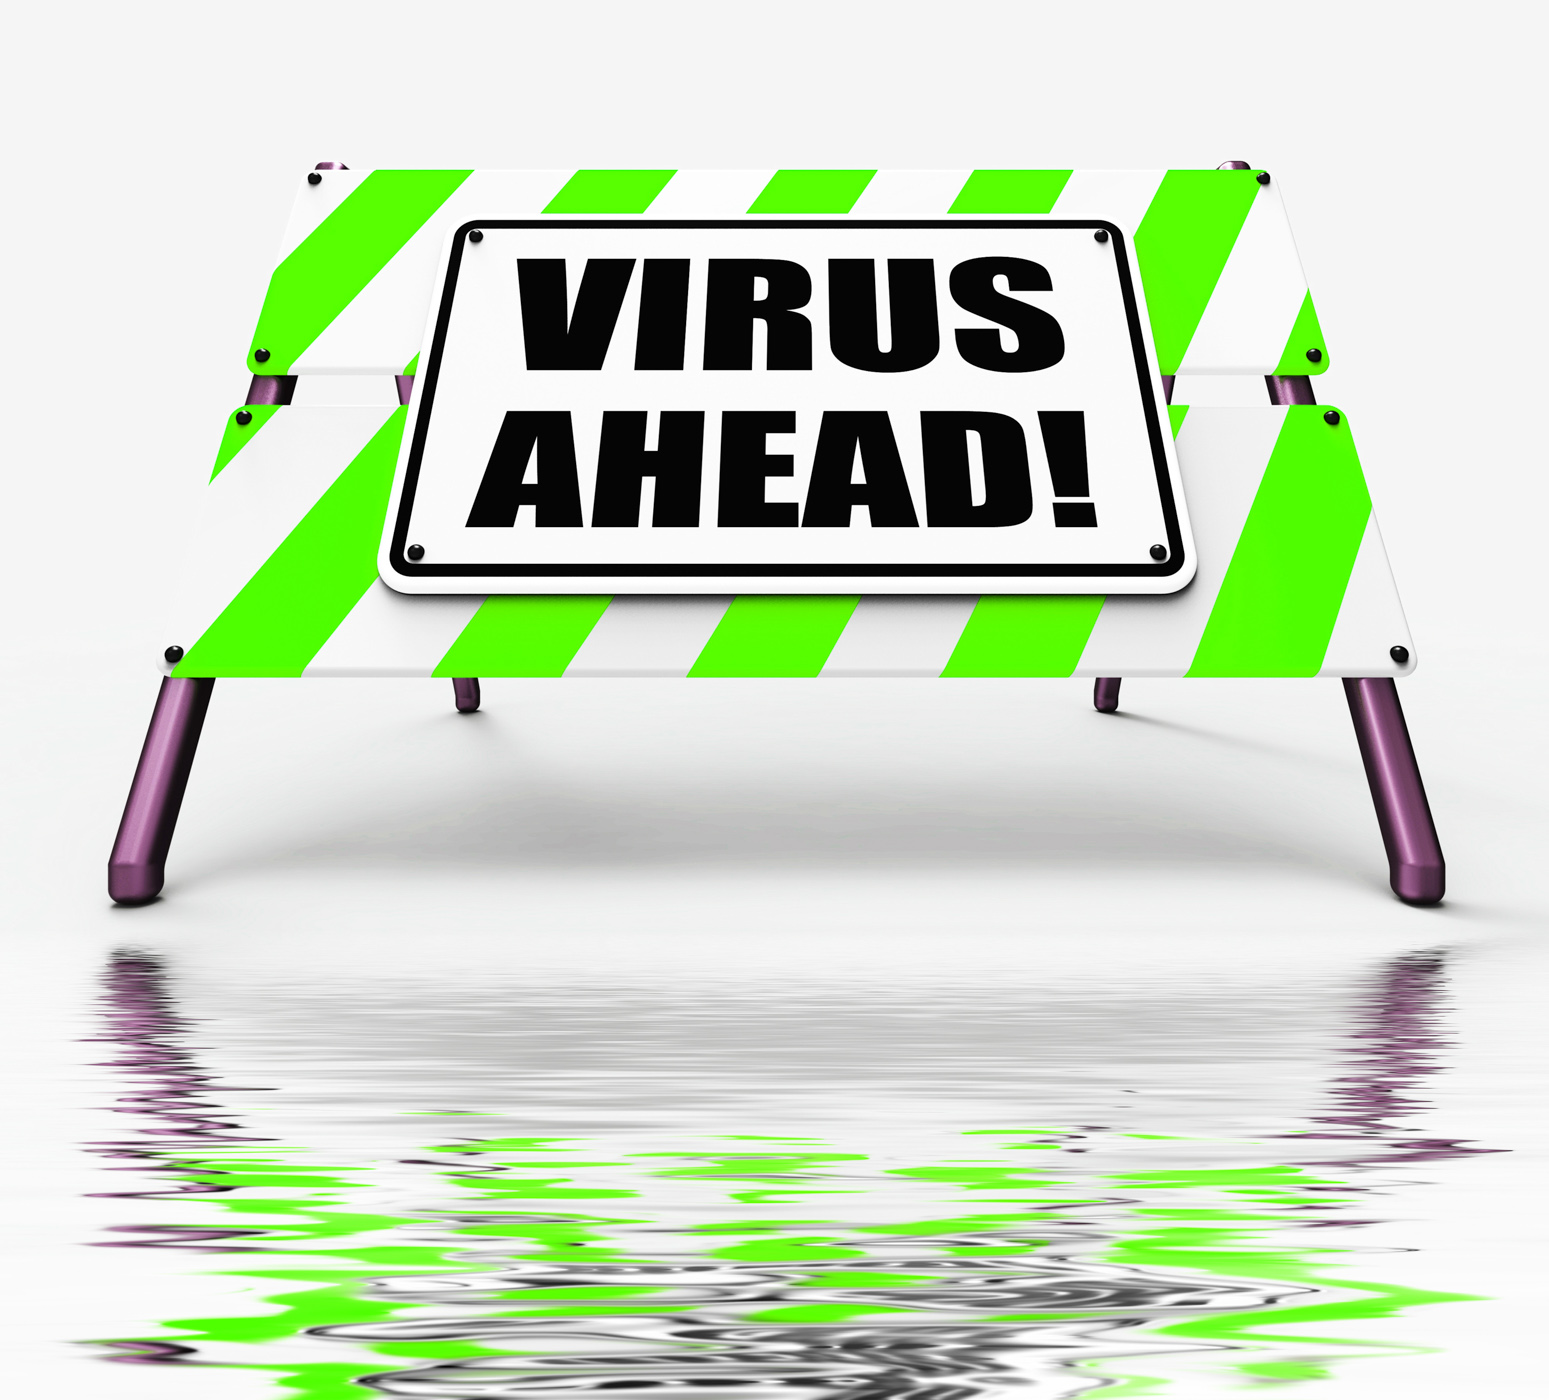 Virus ahead displays viruses and future malicious damage photo